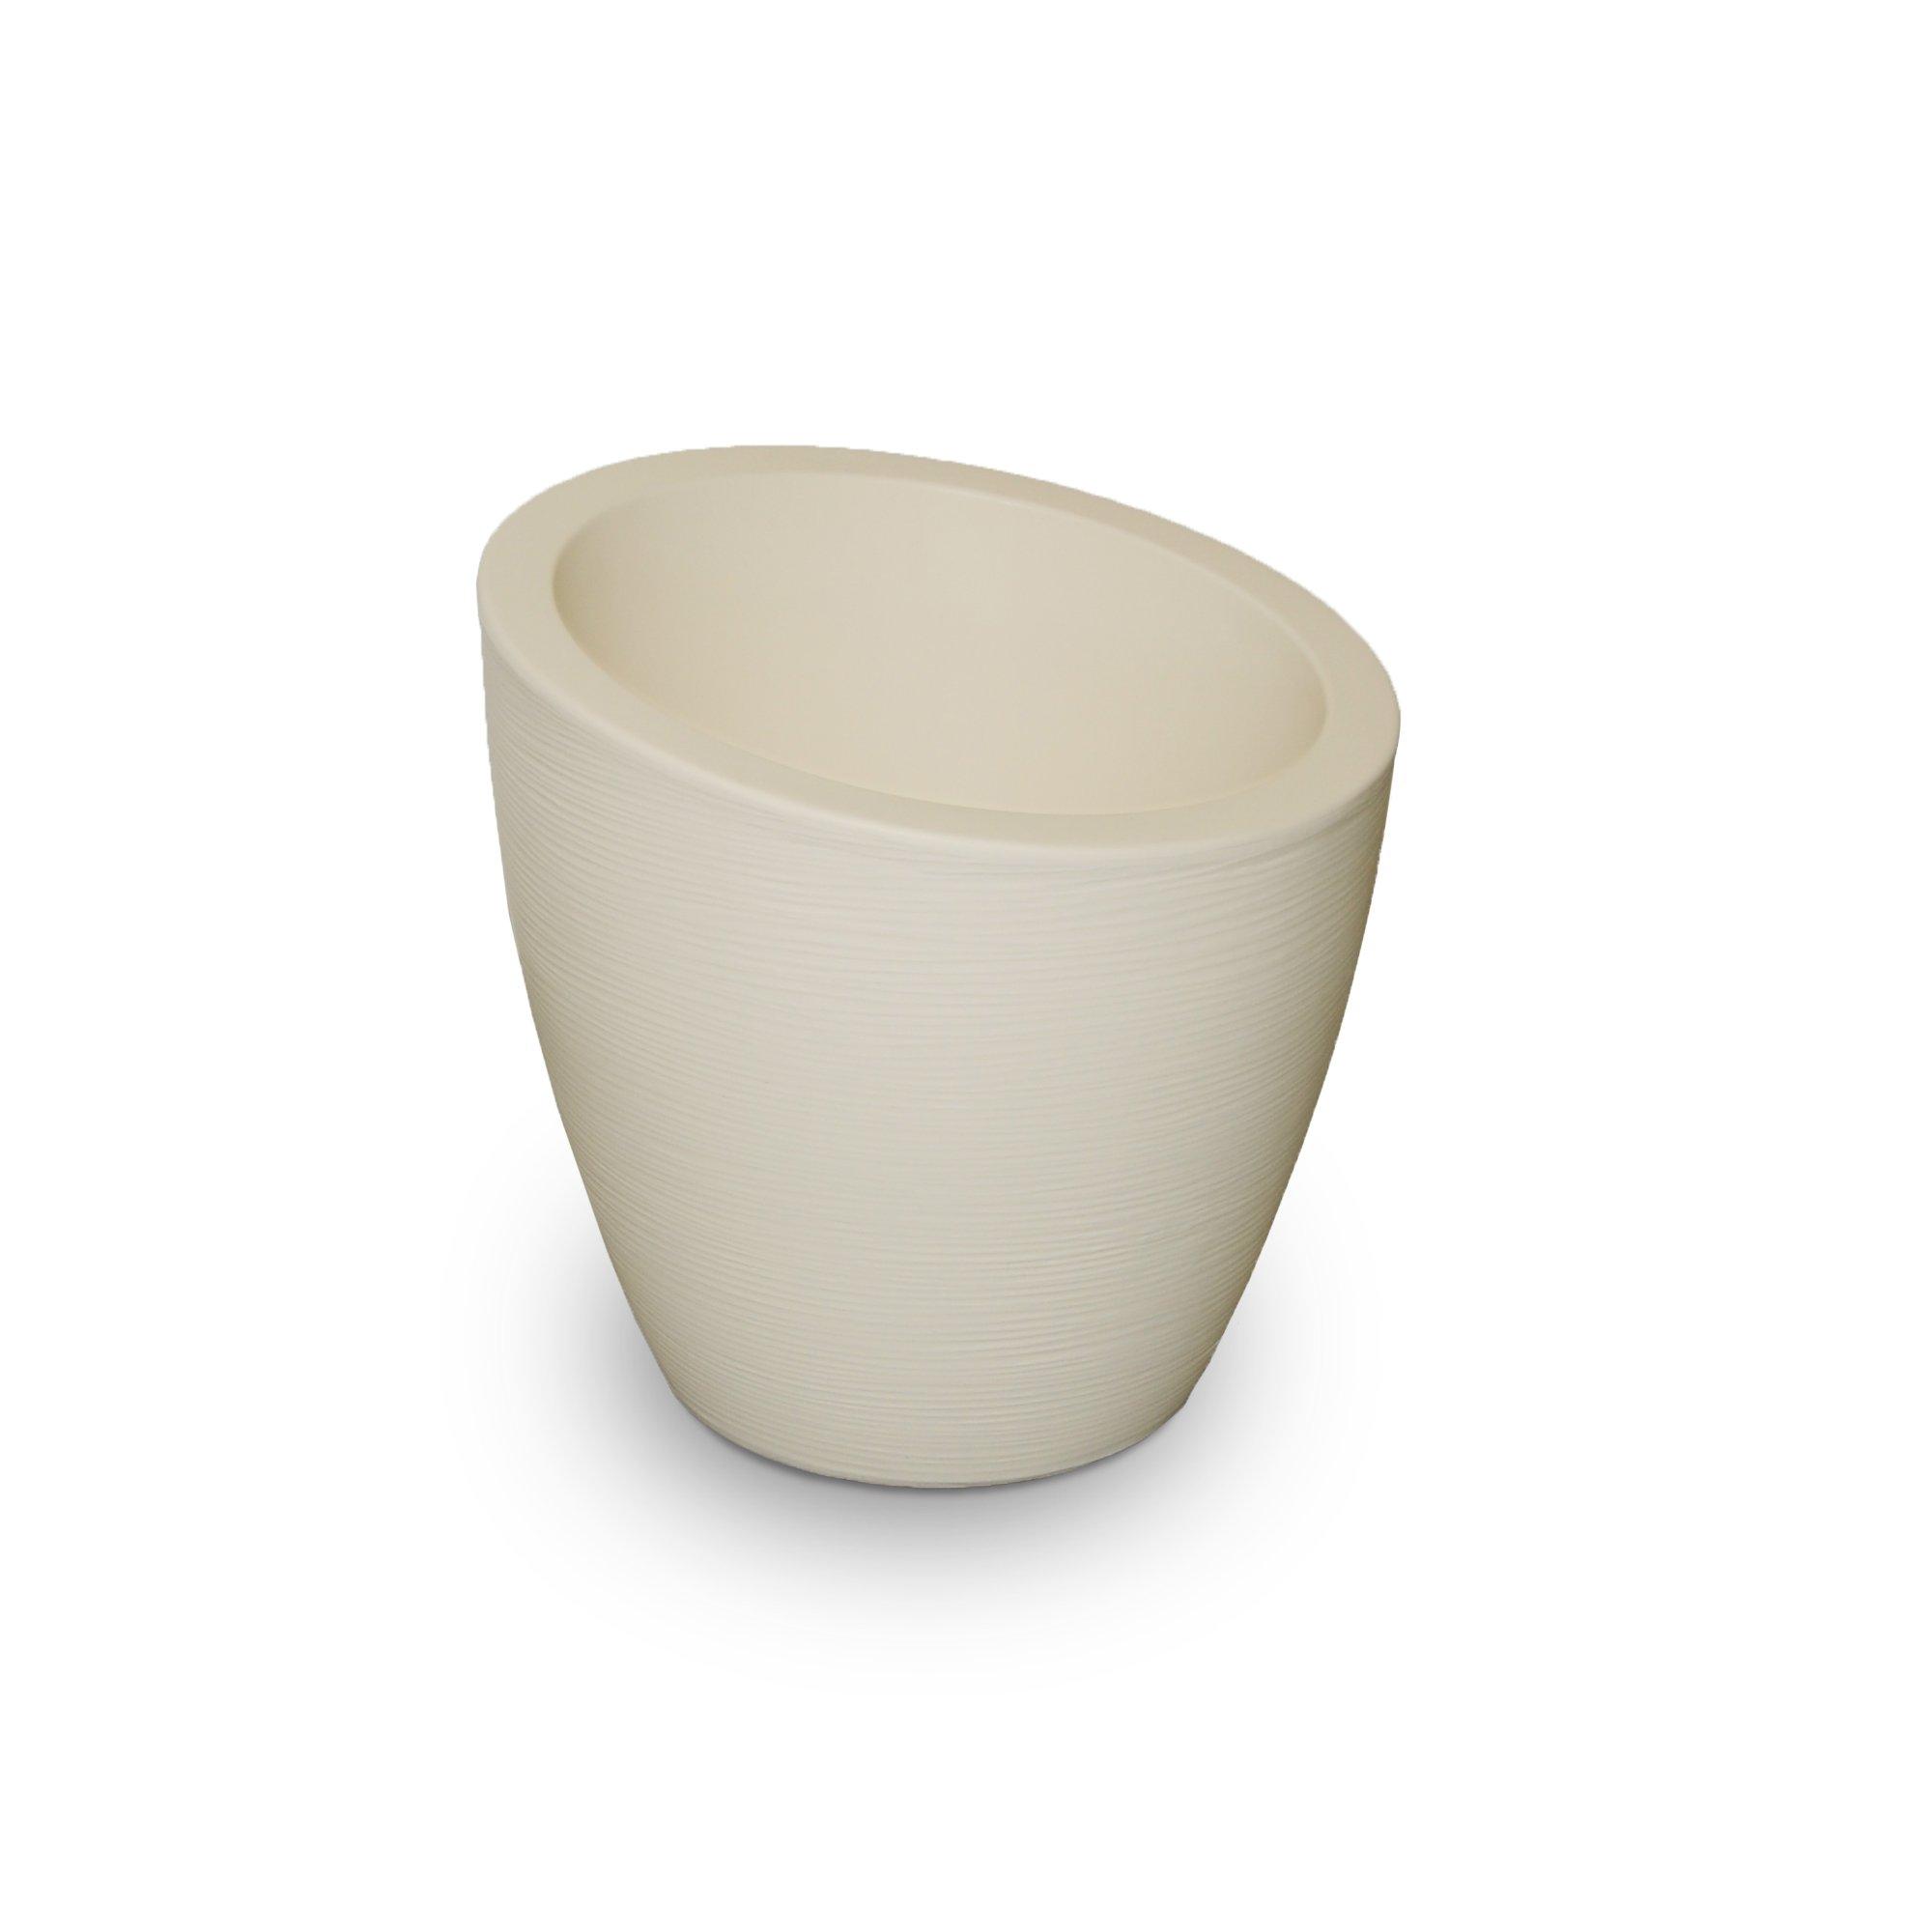 Mayne 8879-IV Polyethylene Planter, Ivory by Mayne